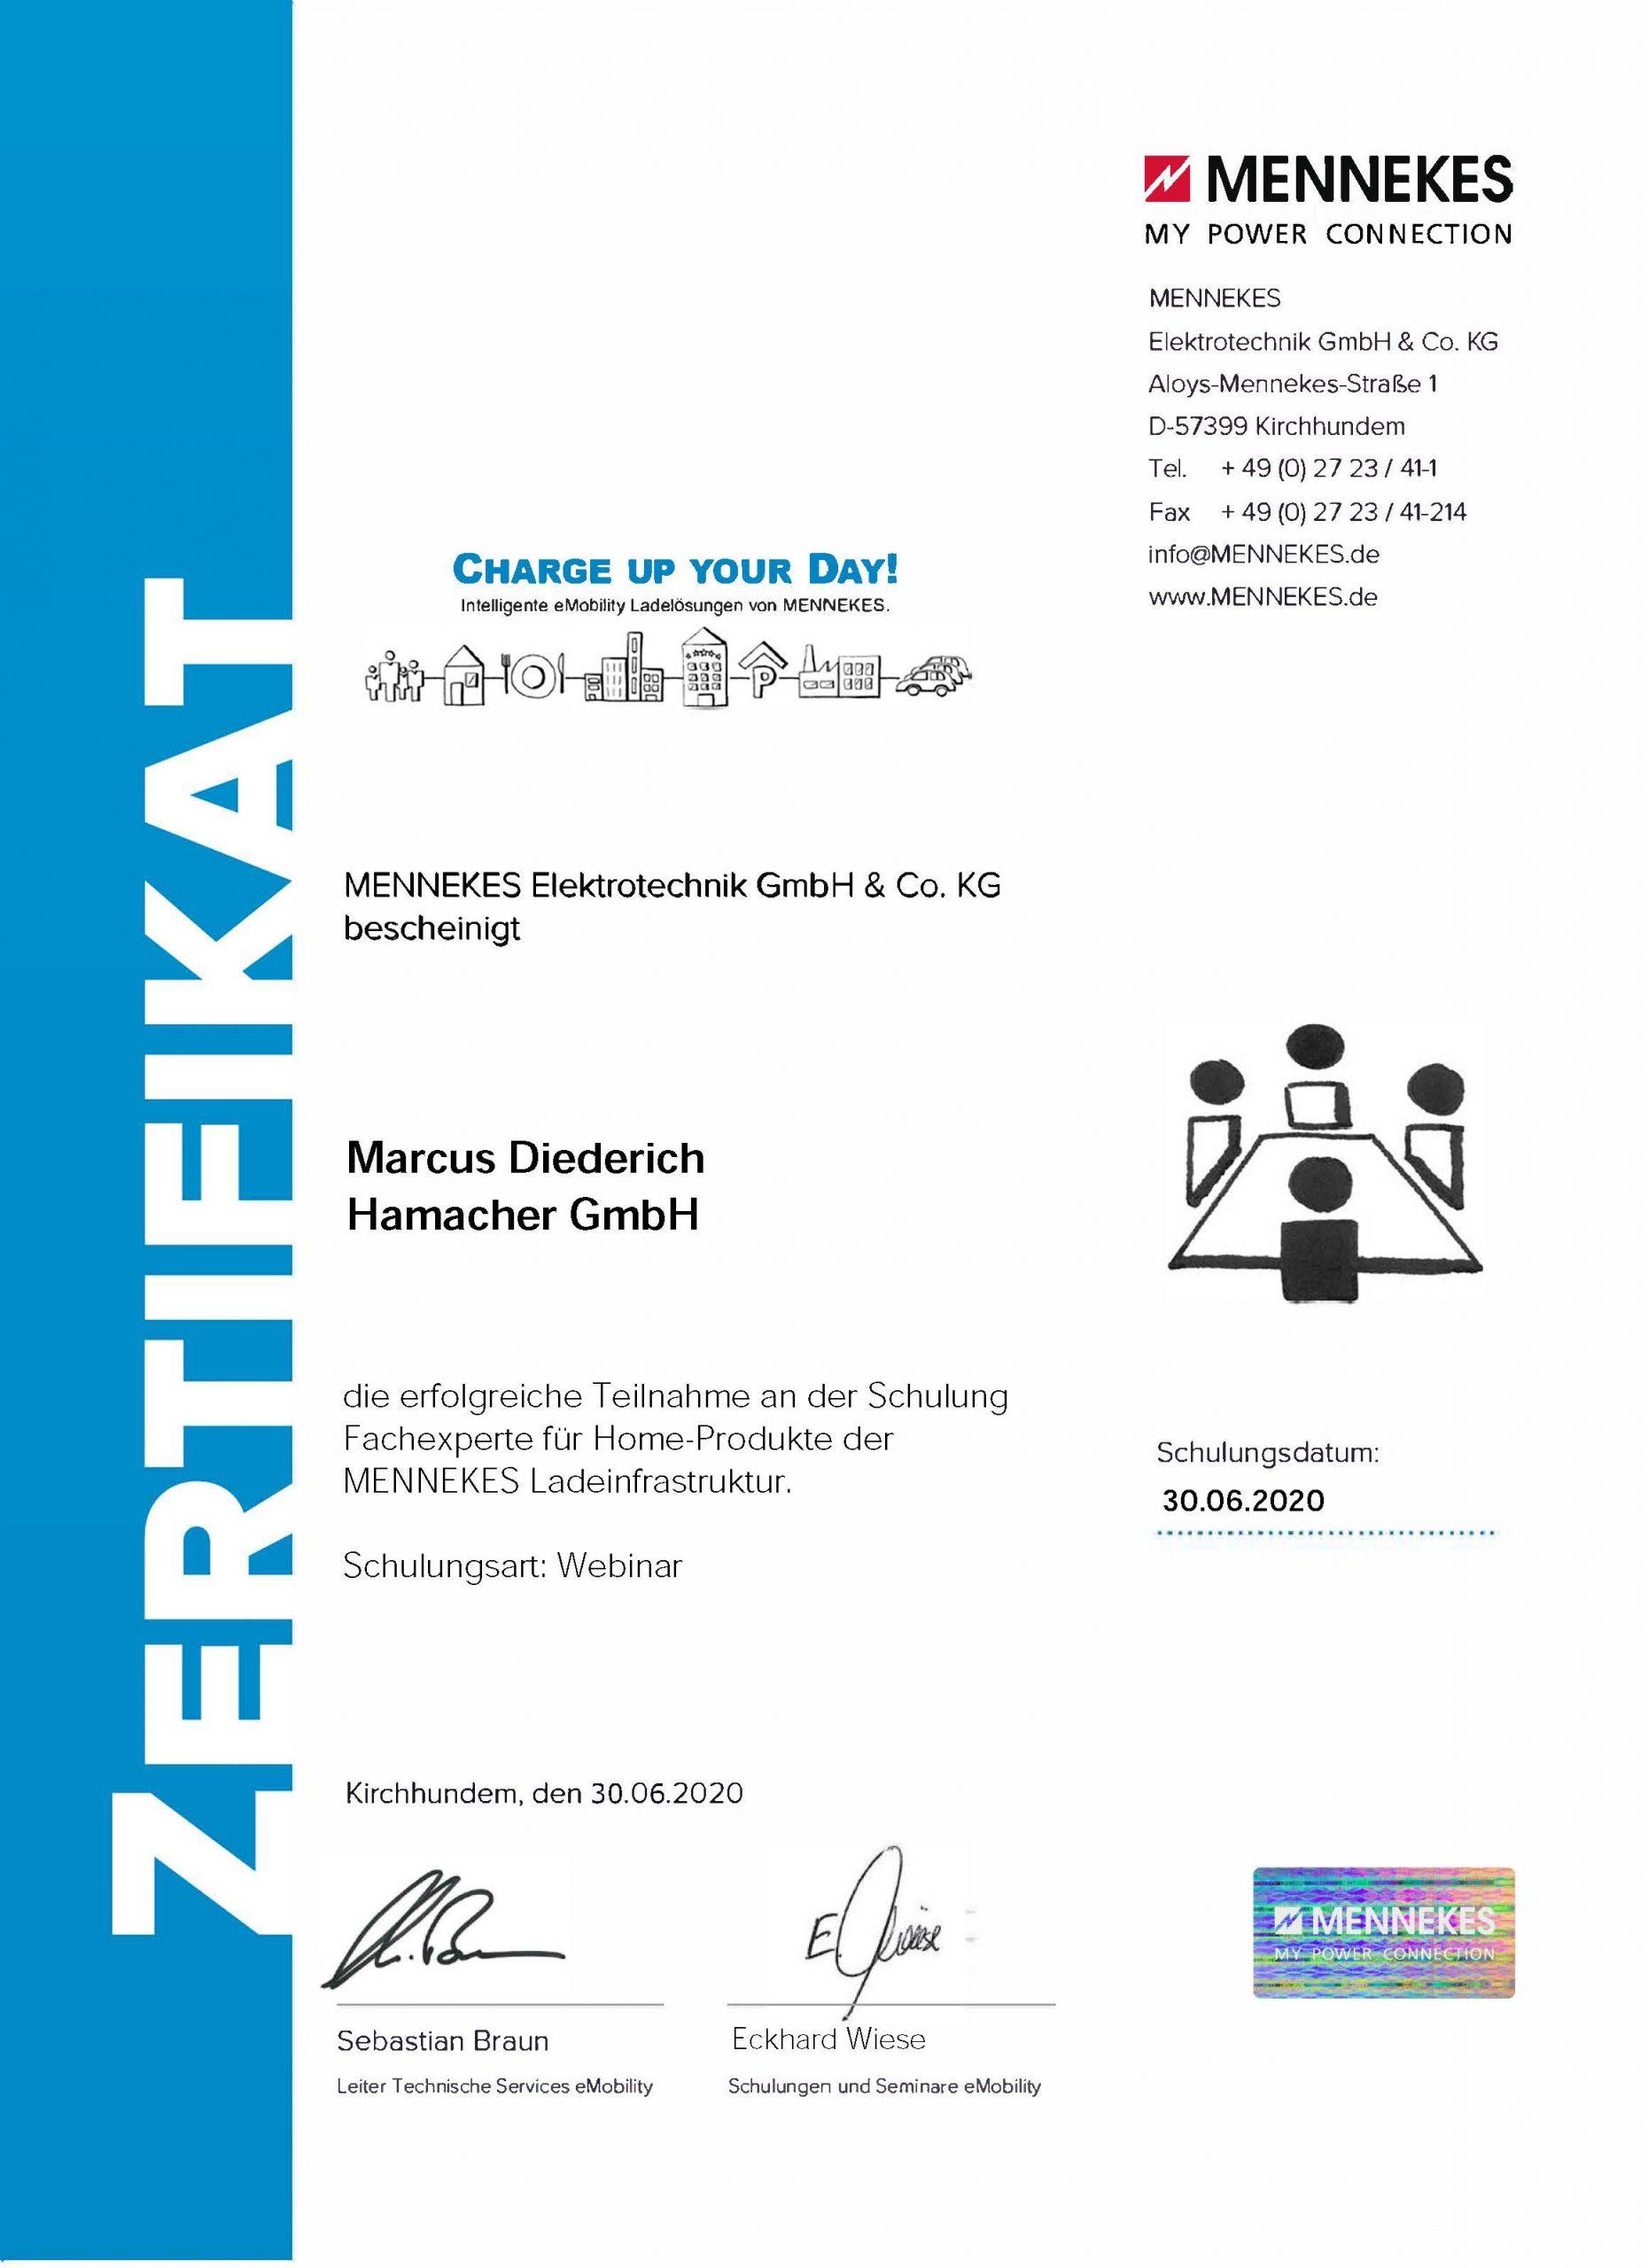 Zertifikat Home-Produkte Diederich